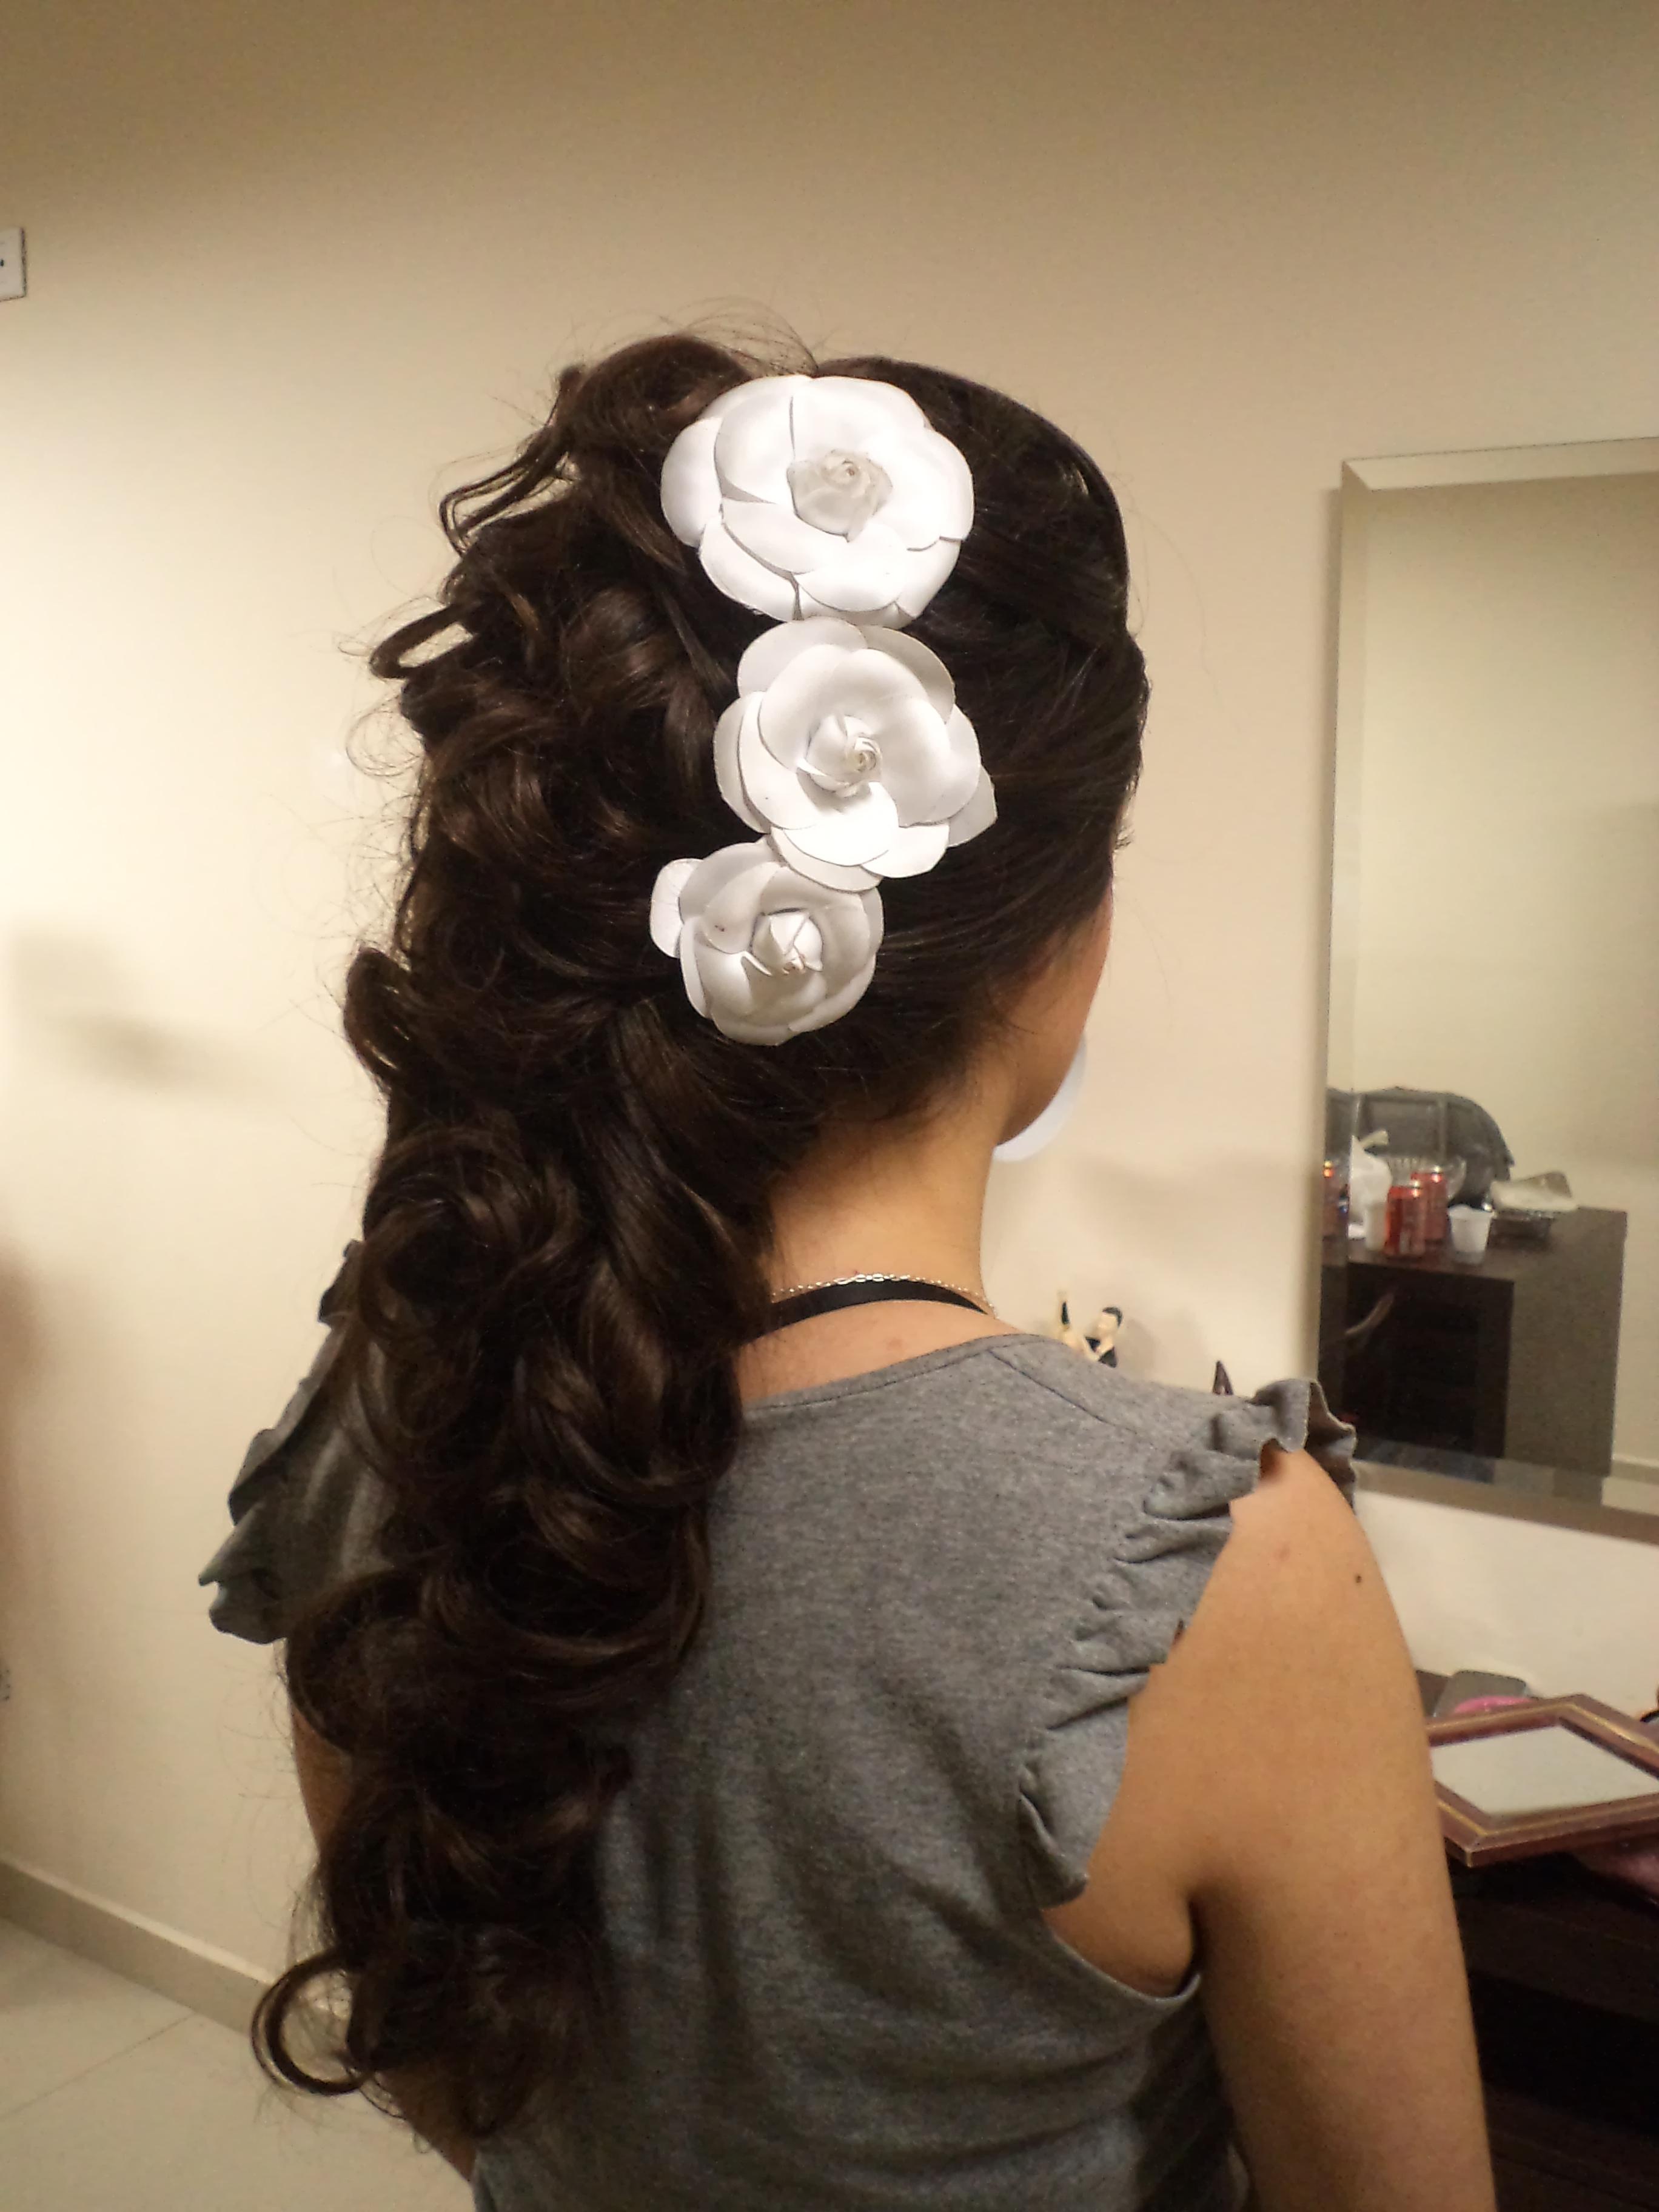 Prévia Penteado Noiva Prévia#Make#Penteado#Noiva#Casamento#by#LizCzelusniak penteado noiva, casamento, noivinha cabelo  maquiador(a) cabeleireiro(a) designer de sobrancelhas